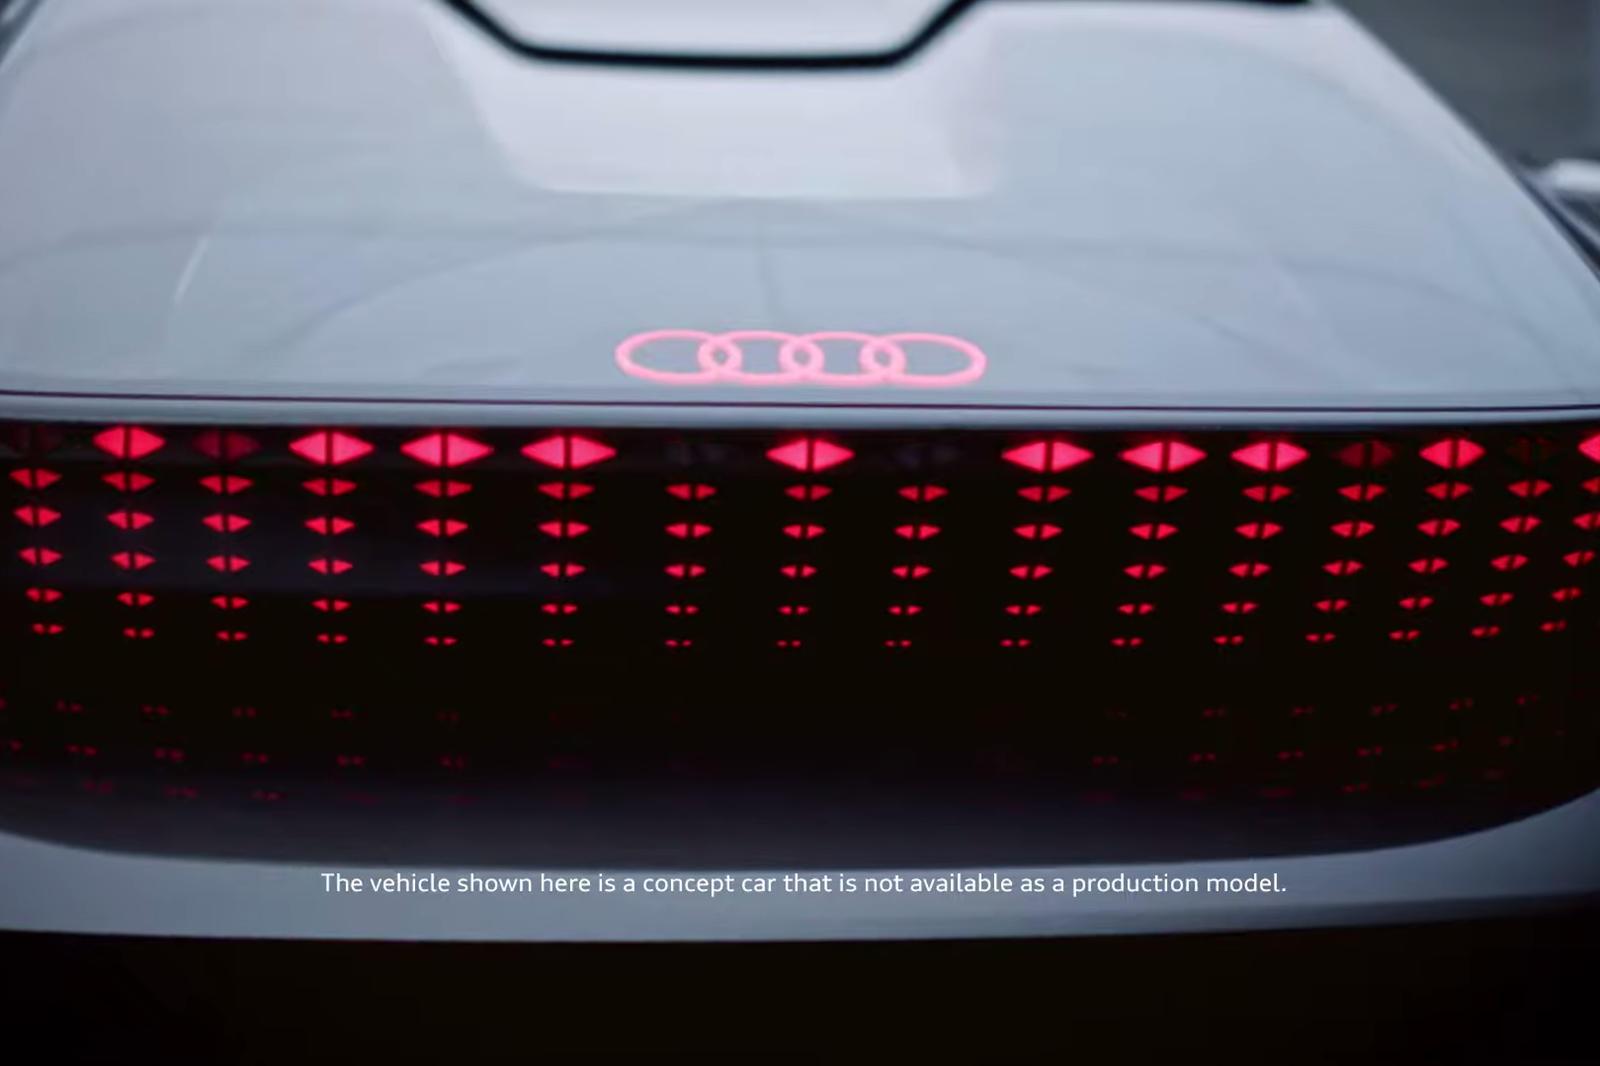 Horch был членом Auto Union до того, как компания превратилась в то, что мы сегодня знаем как Audi.